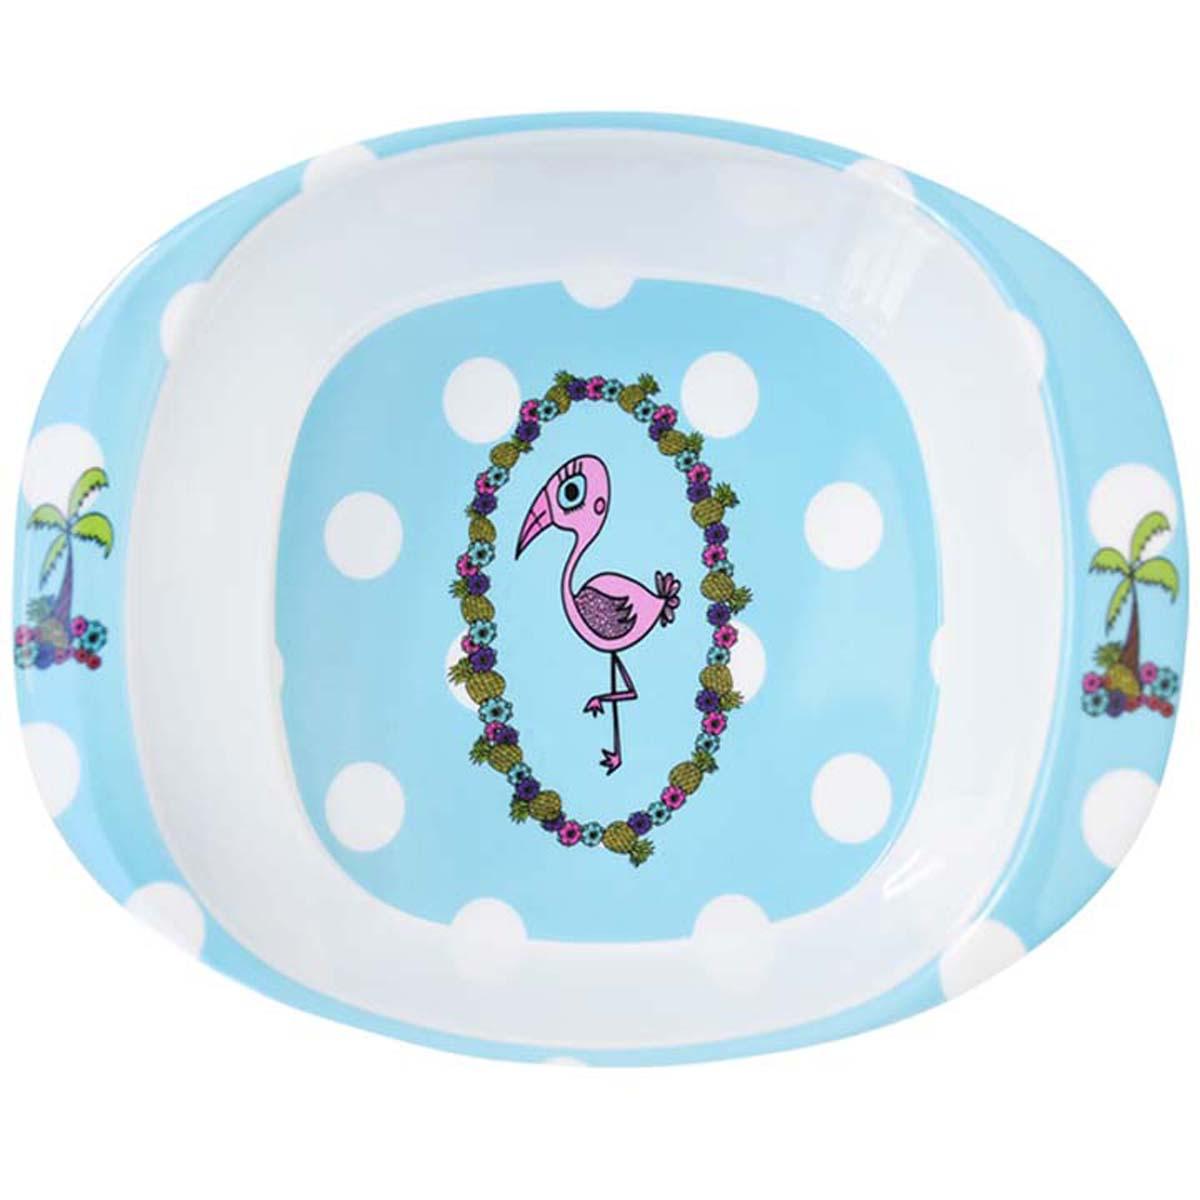 Assiette bébé mélamine \'Saperlipopette\' bleu (flamant rose) - 165x135x42 cm - [R0645]